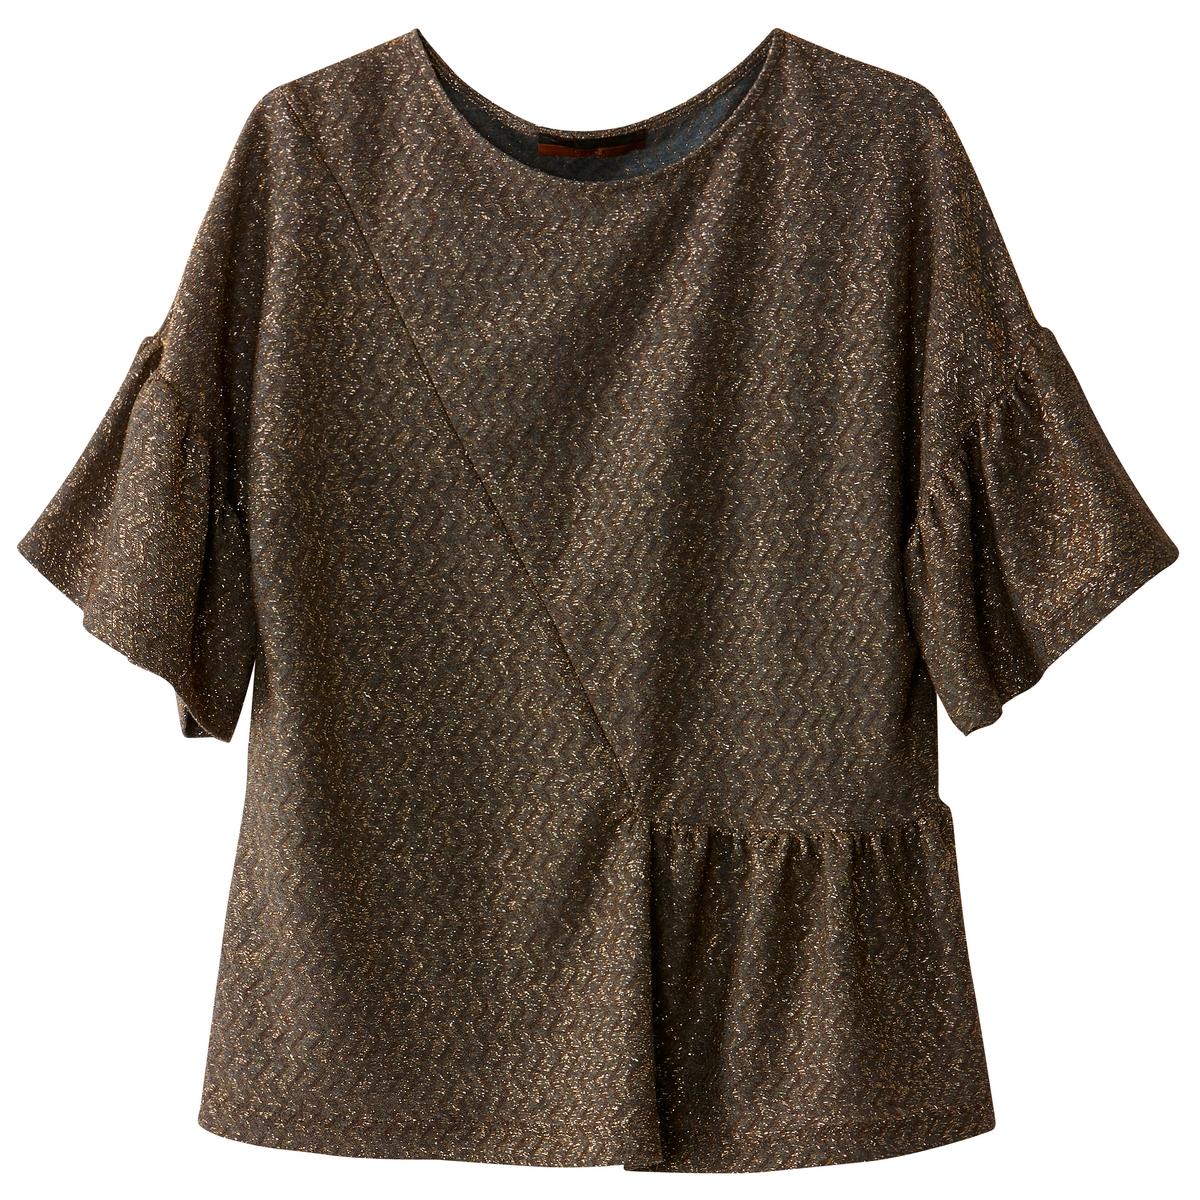 T-shirt brilhante, folho assimétrico